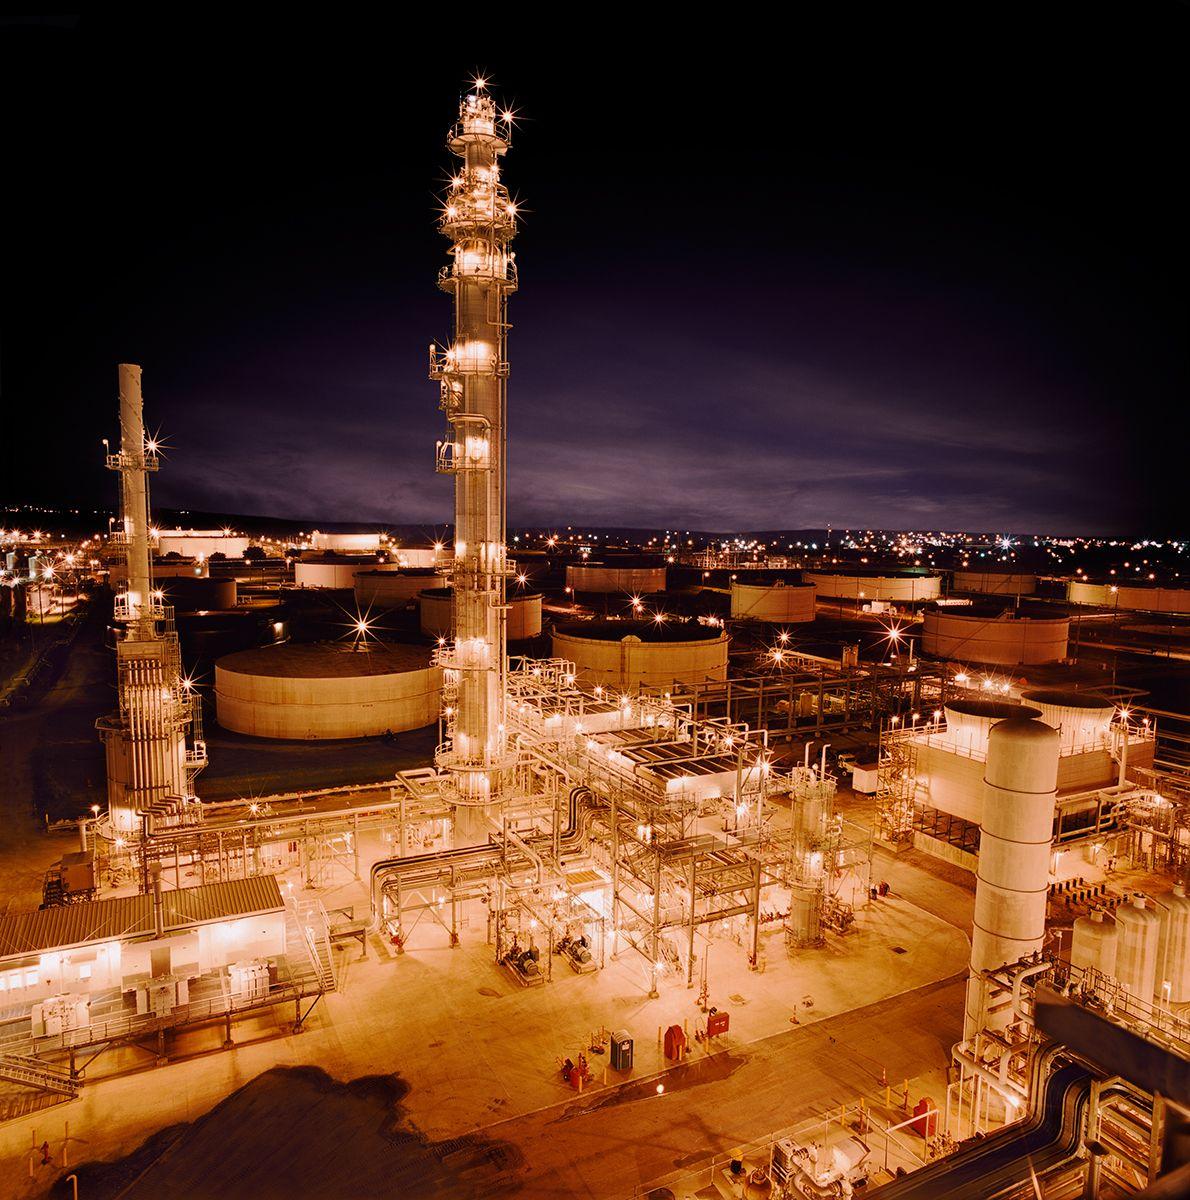 Industrial / Energy